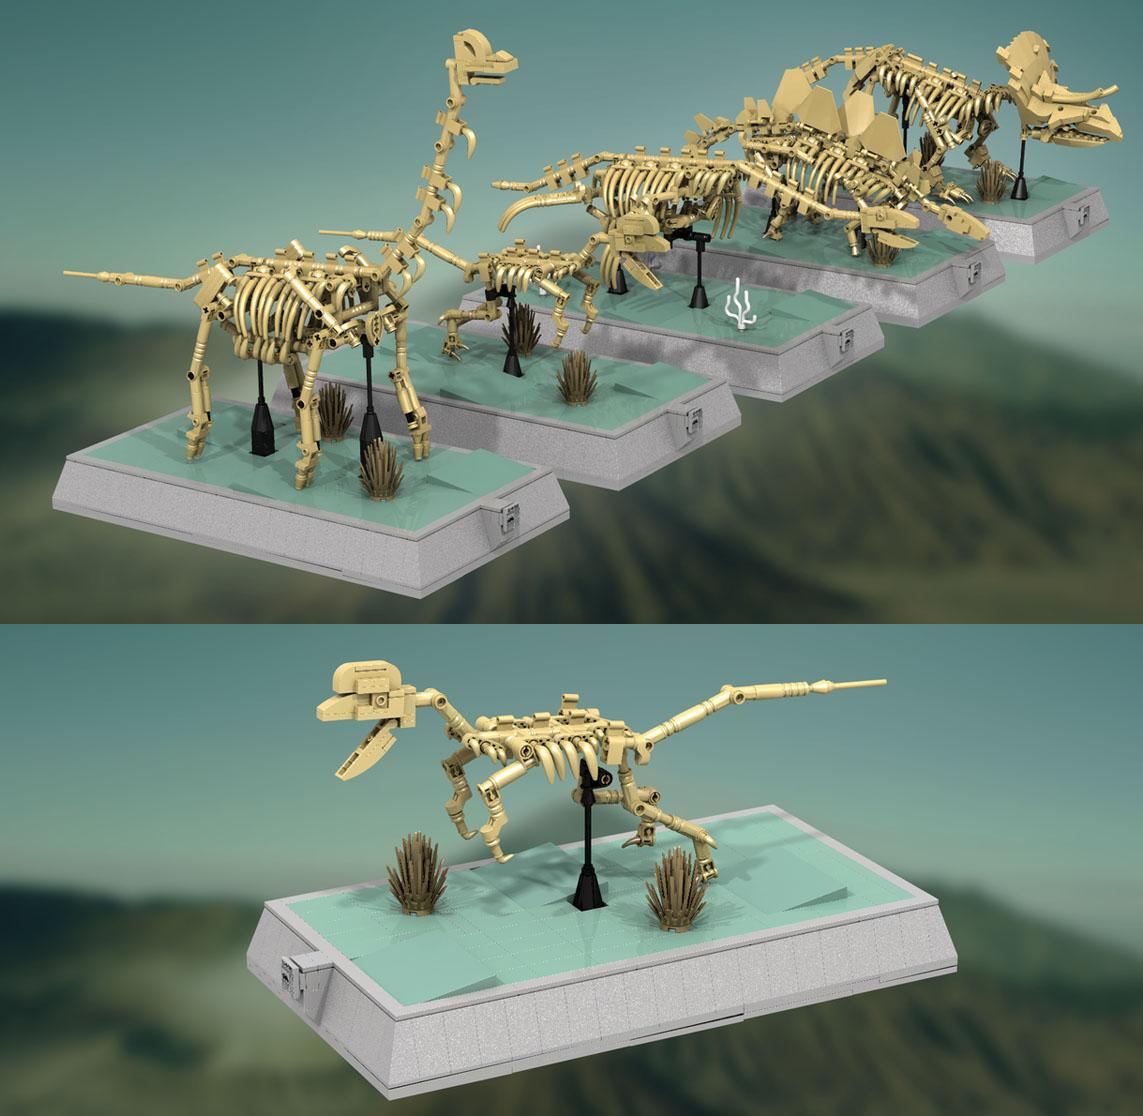 LEGOアイデア恐竜骨格標本まもなく発売濃厚